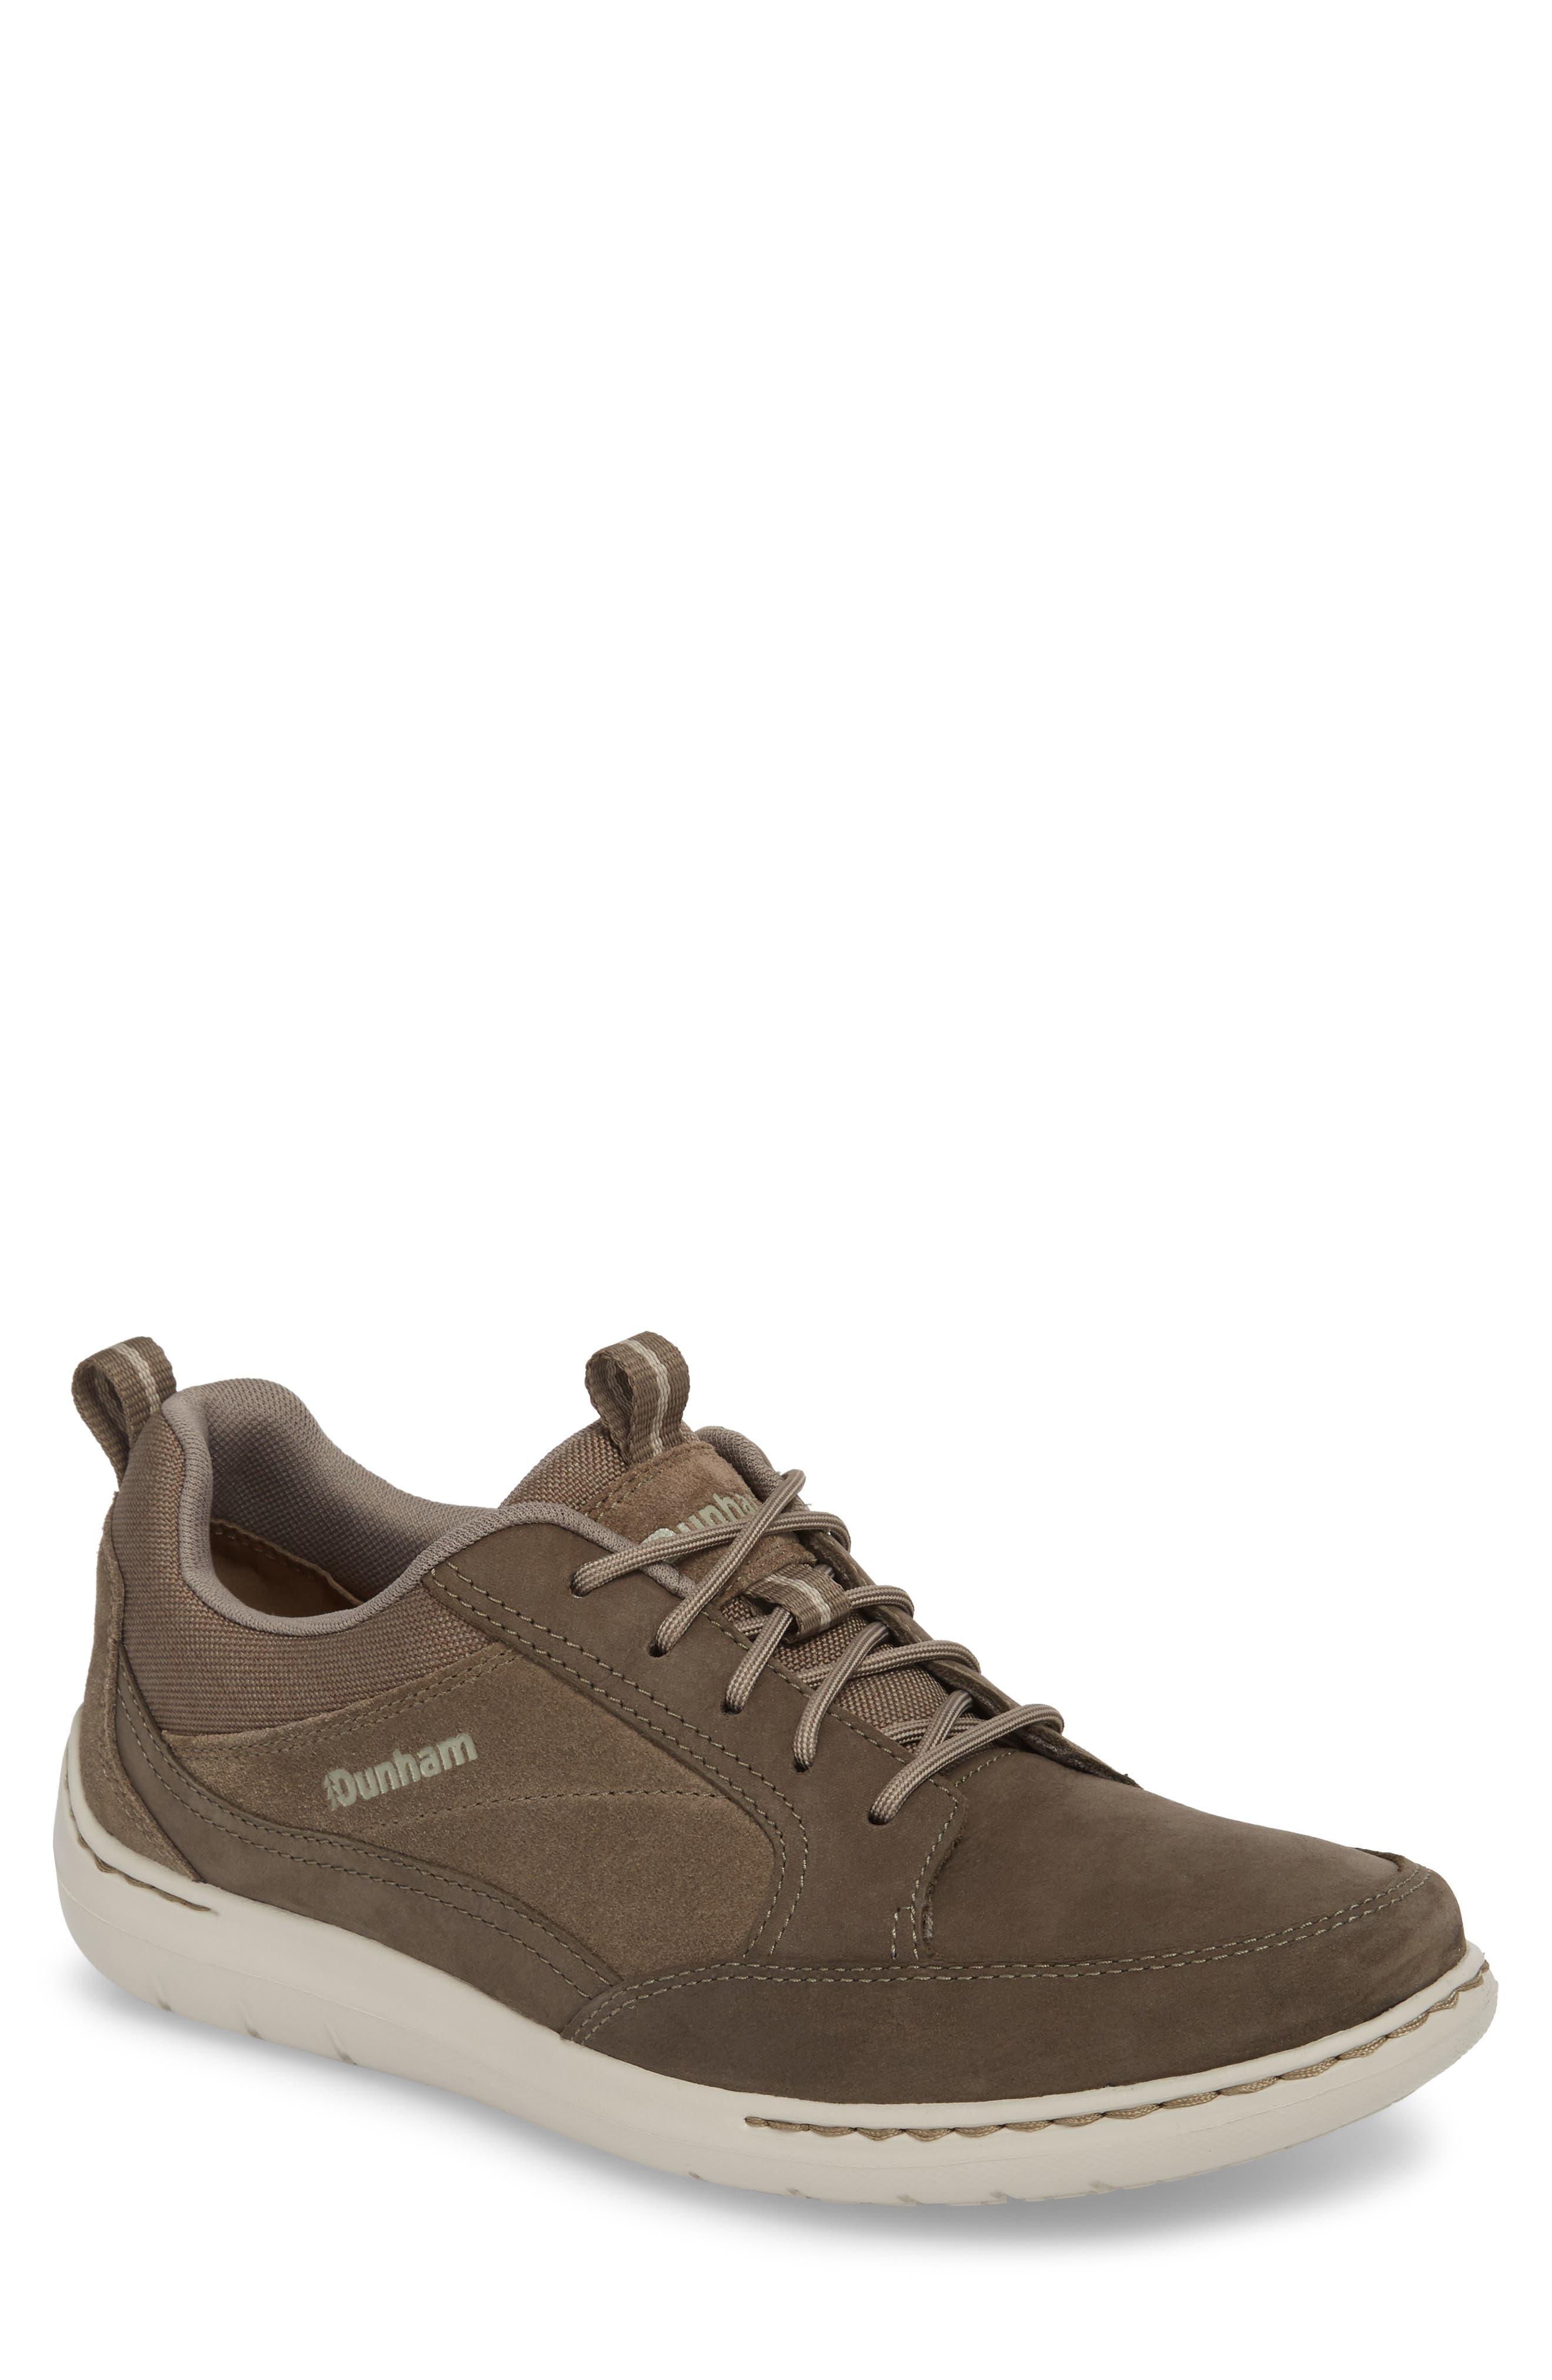 Dunham D Fit Smart Sneaker, Beige